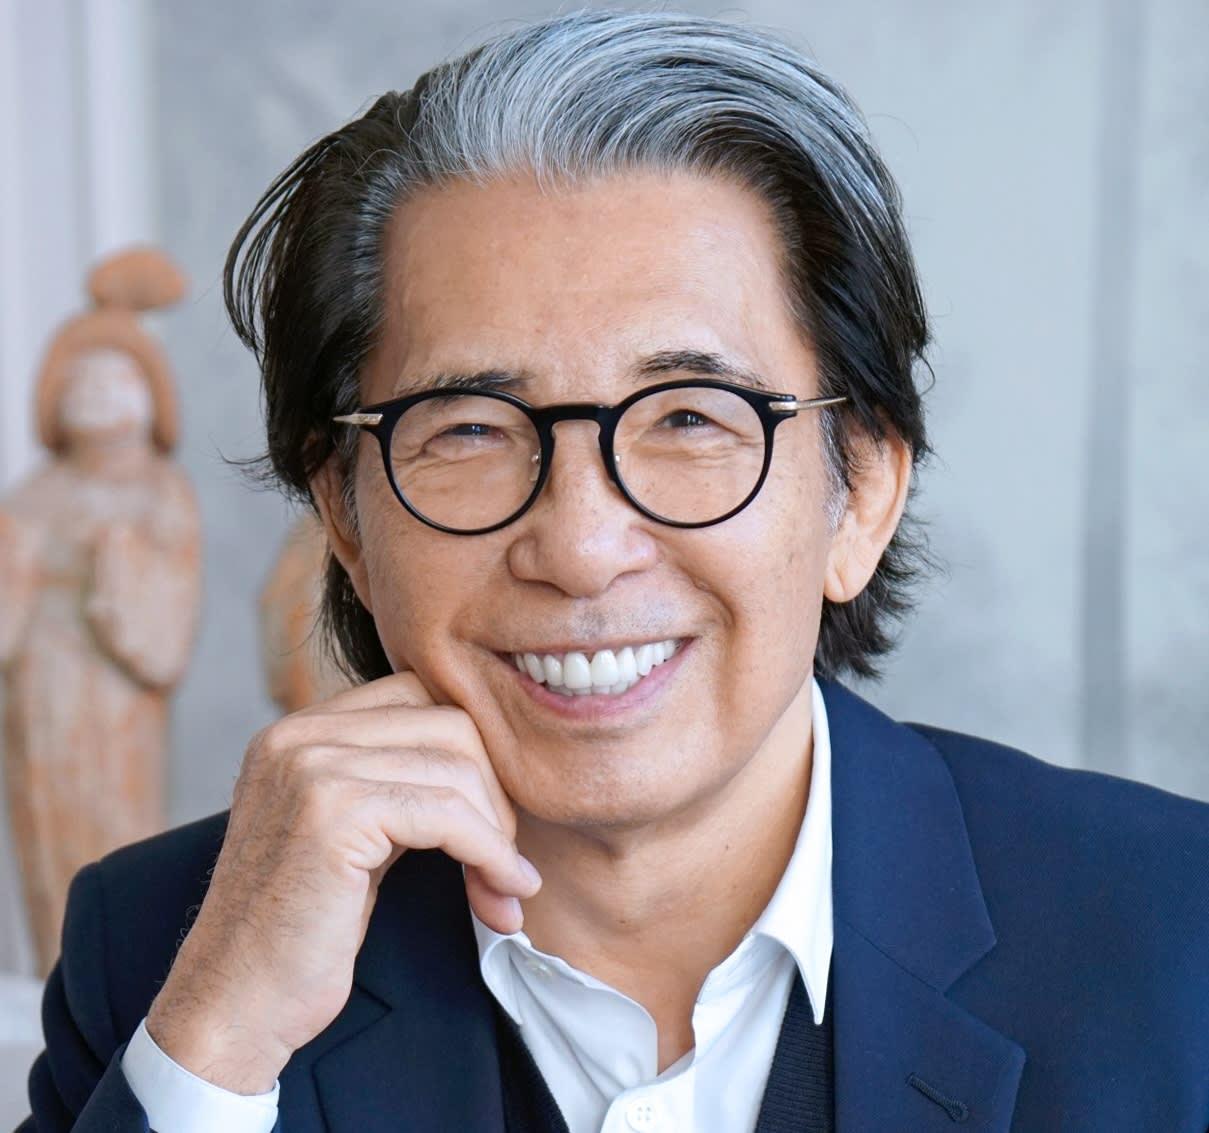 Il Covid ha spento il sorriso di Kenzo Takada, creatore di abiti felici